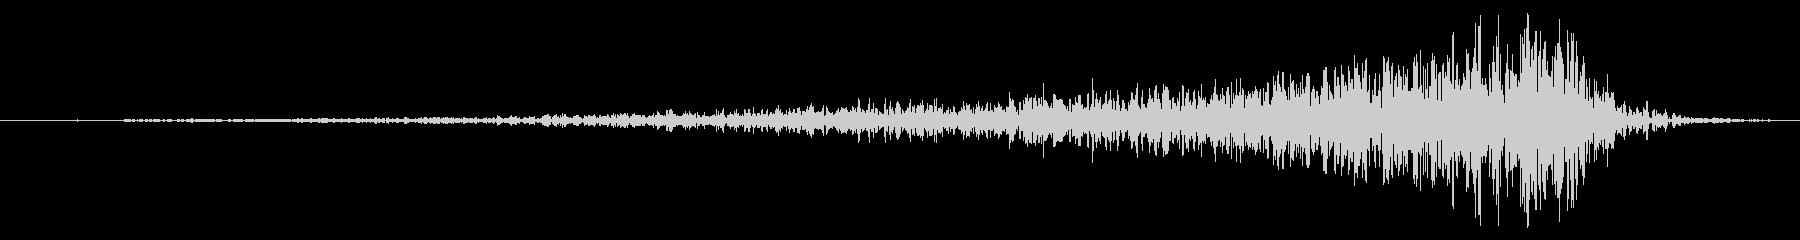 SWELL ディープノイズシンセラ...の未再生の波形